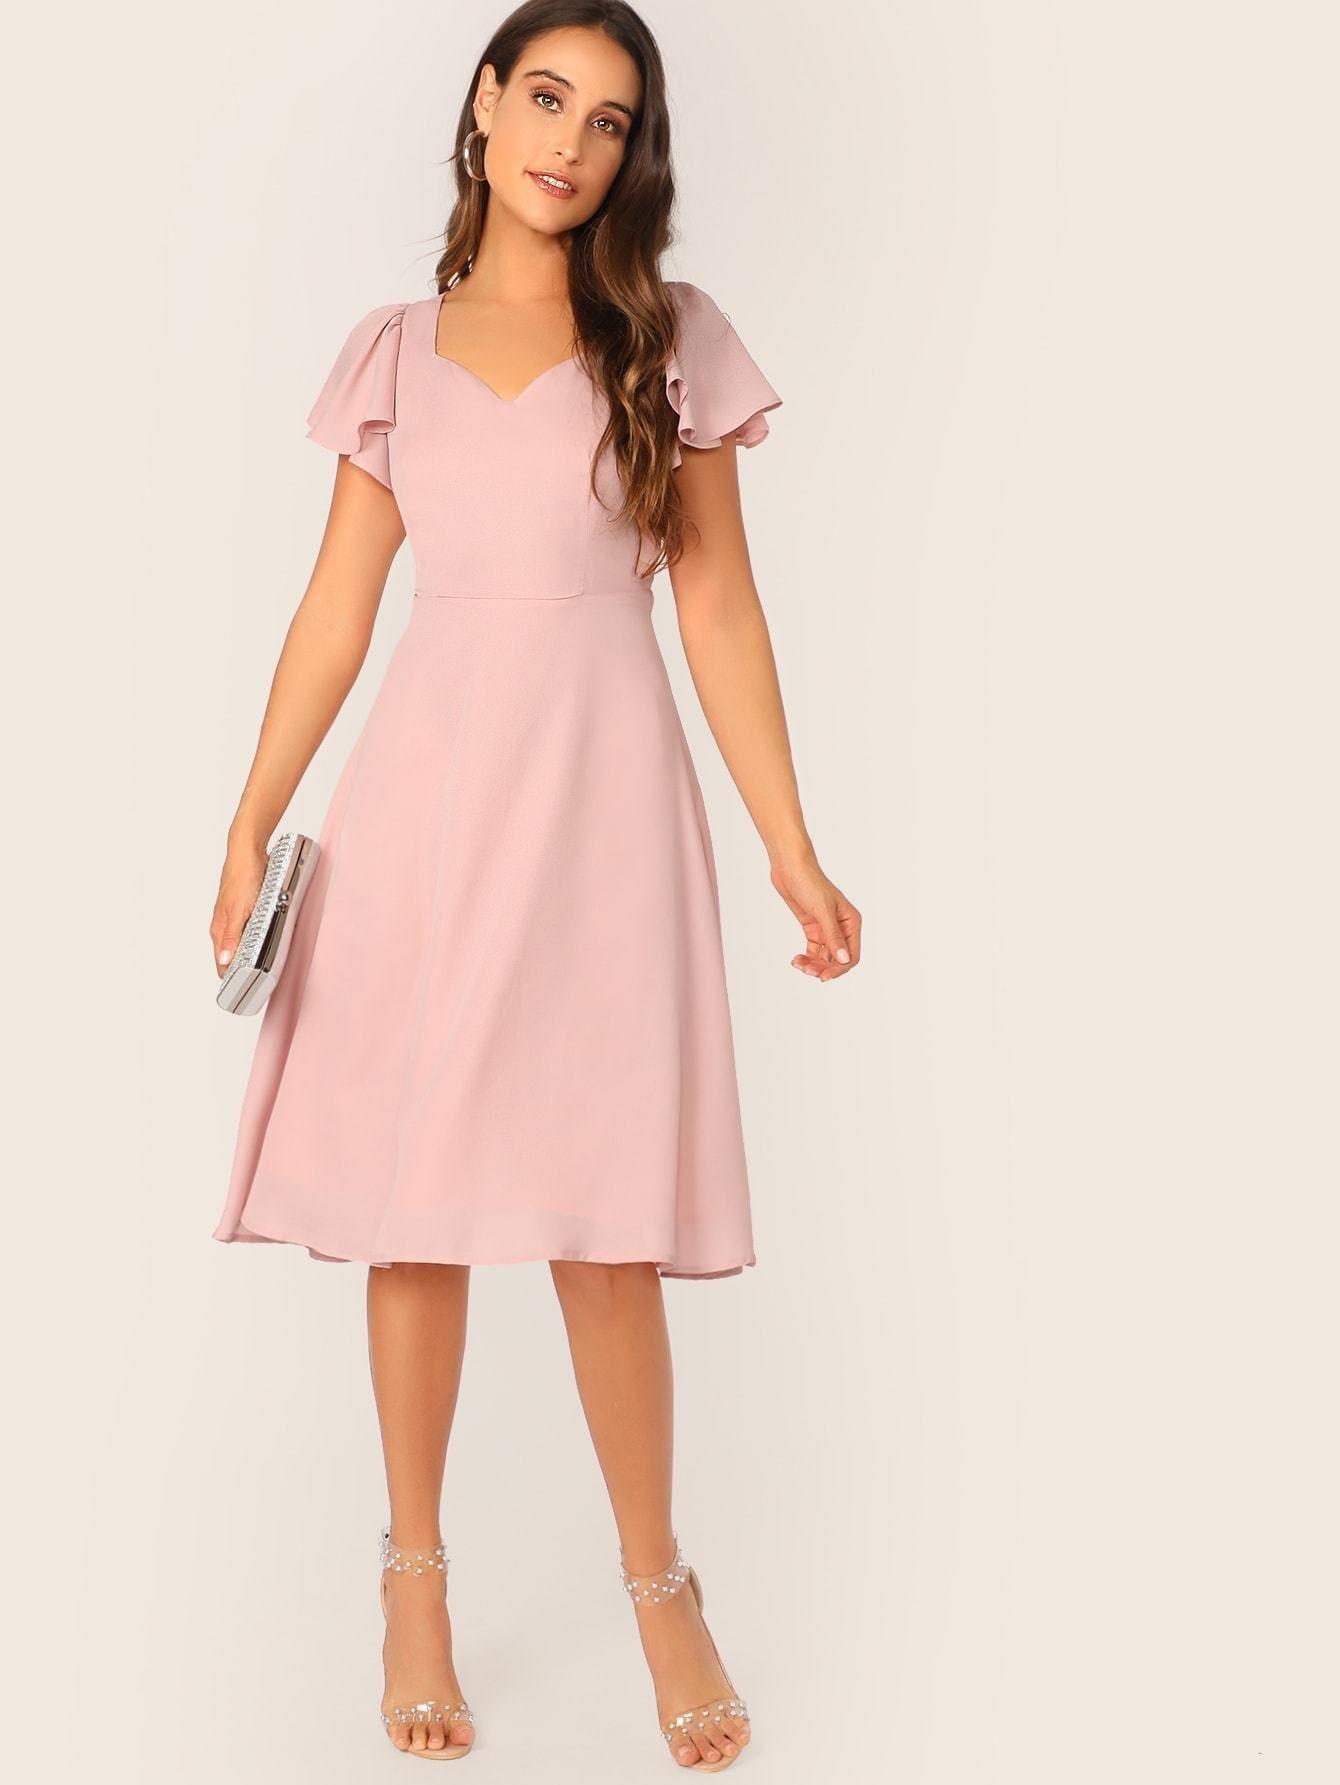 Flutter Sleeve Sweetheart Neck Fit Flare Dress Fit Flare Dress Flare Dress Midi Dress With Sleeves [ 1785 x 1340 Pixel ]